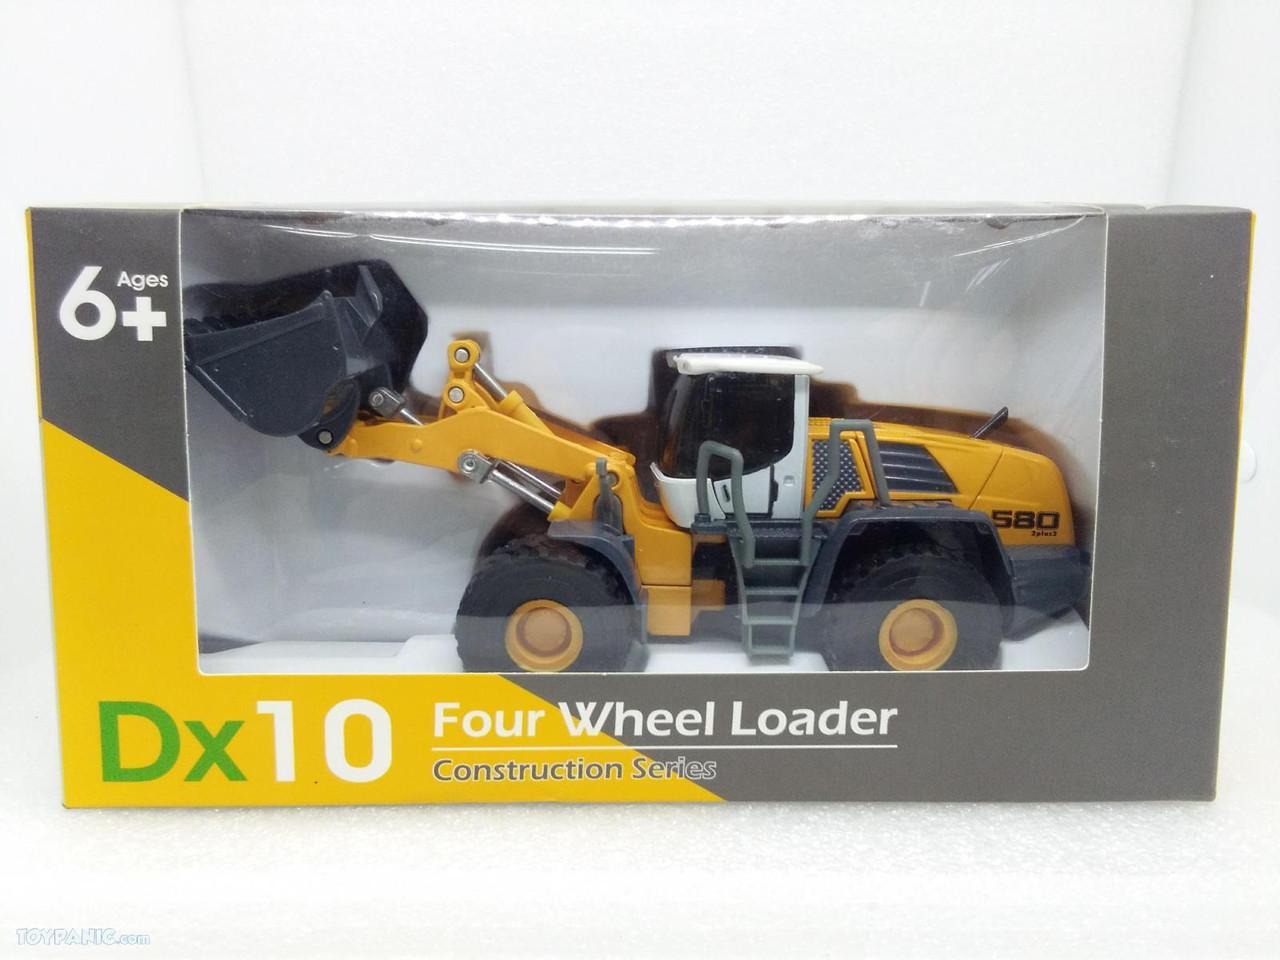 1:50 Dx10 - Four Wheel Loader